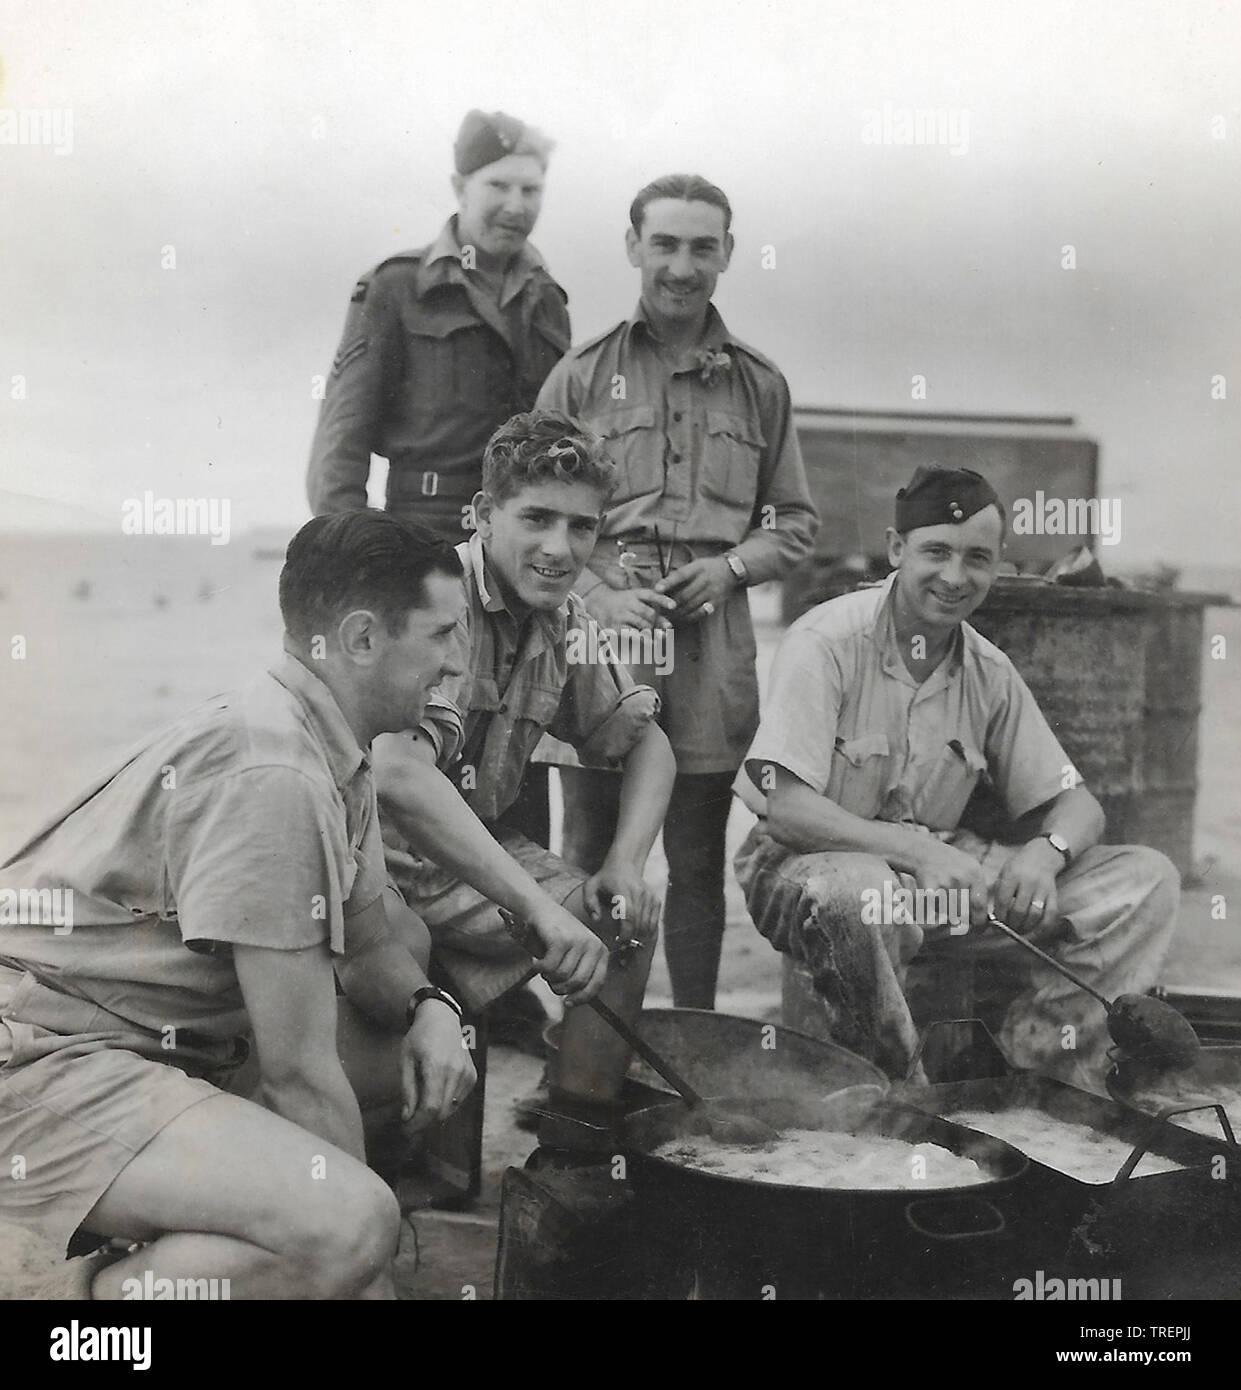 Alexandria le repas de midi. Prises en 1943/44 par Flt Sgt Gleed RAF WW2, de l'Escadron 223 Photo Stock